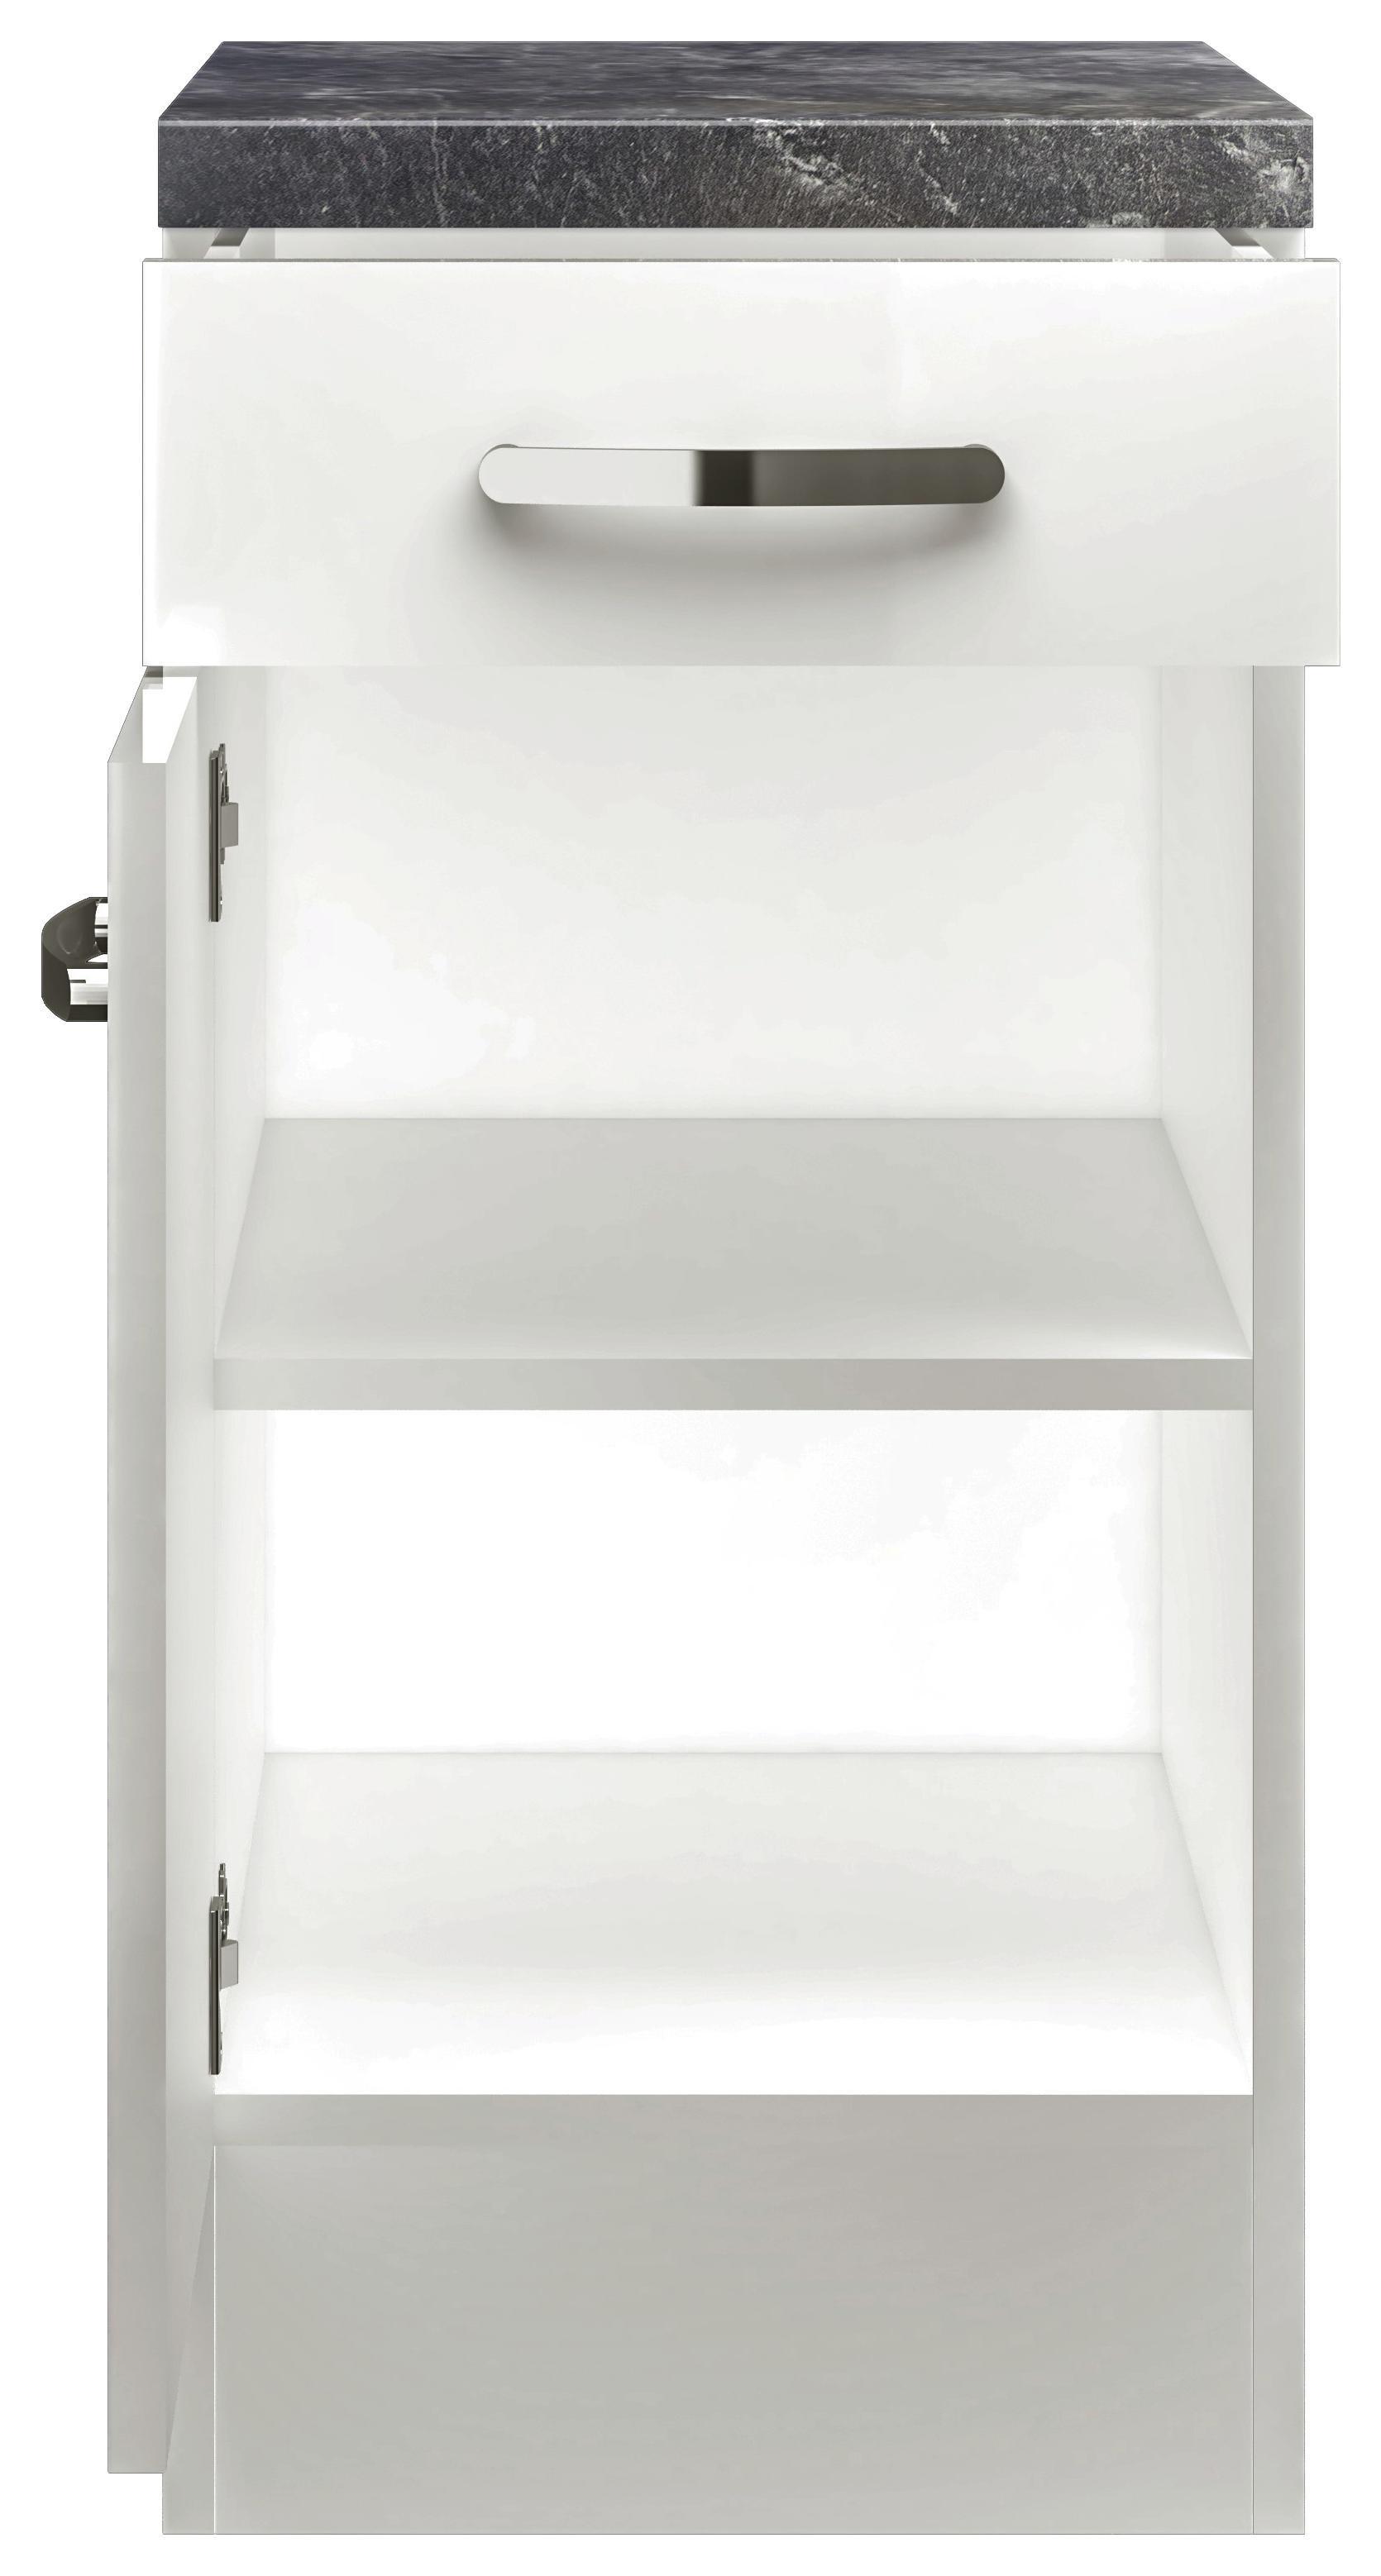 Küchenunterschrank ALBA US40